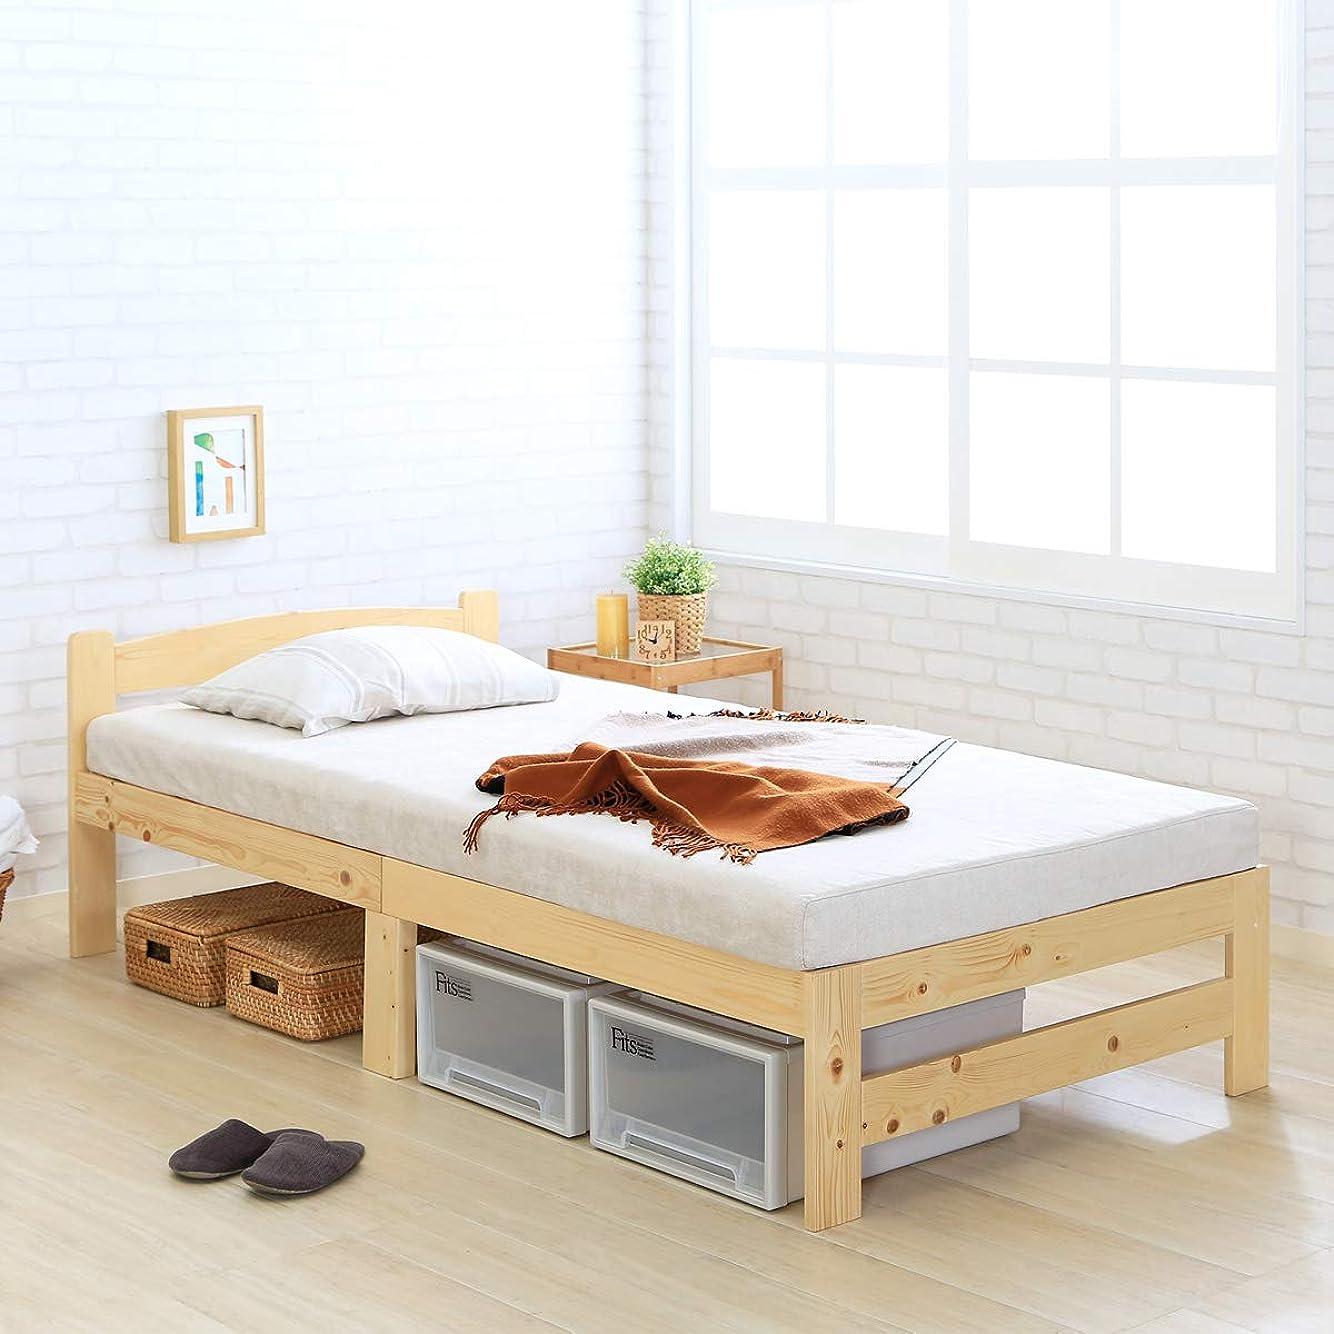 海上気分が良いかなりのシンプルヘッドボードモデル すのこ スノコベッド 無垢 北欧 パイン材すのこ ベッド クリアパイン色/シングル S(シンプルHB付)